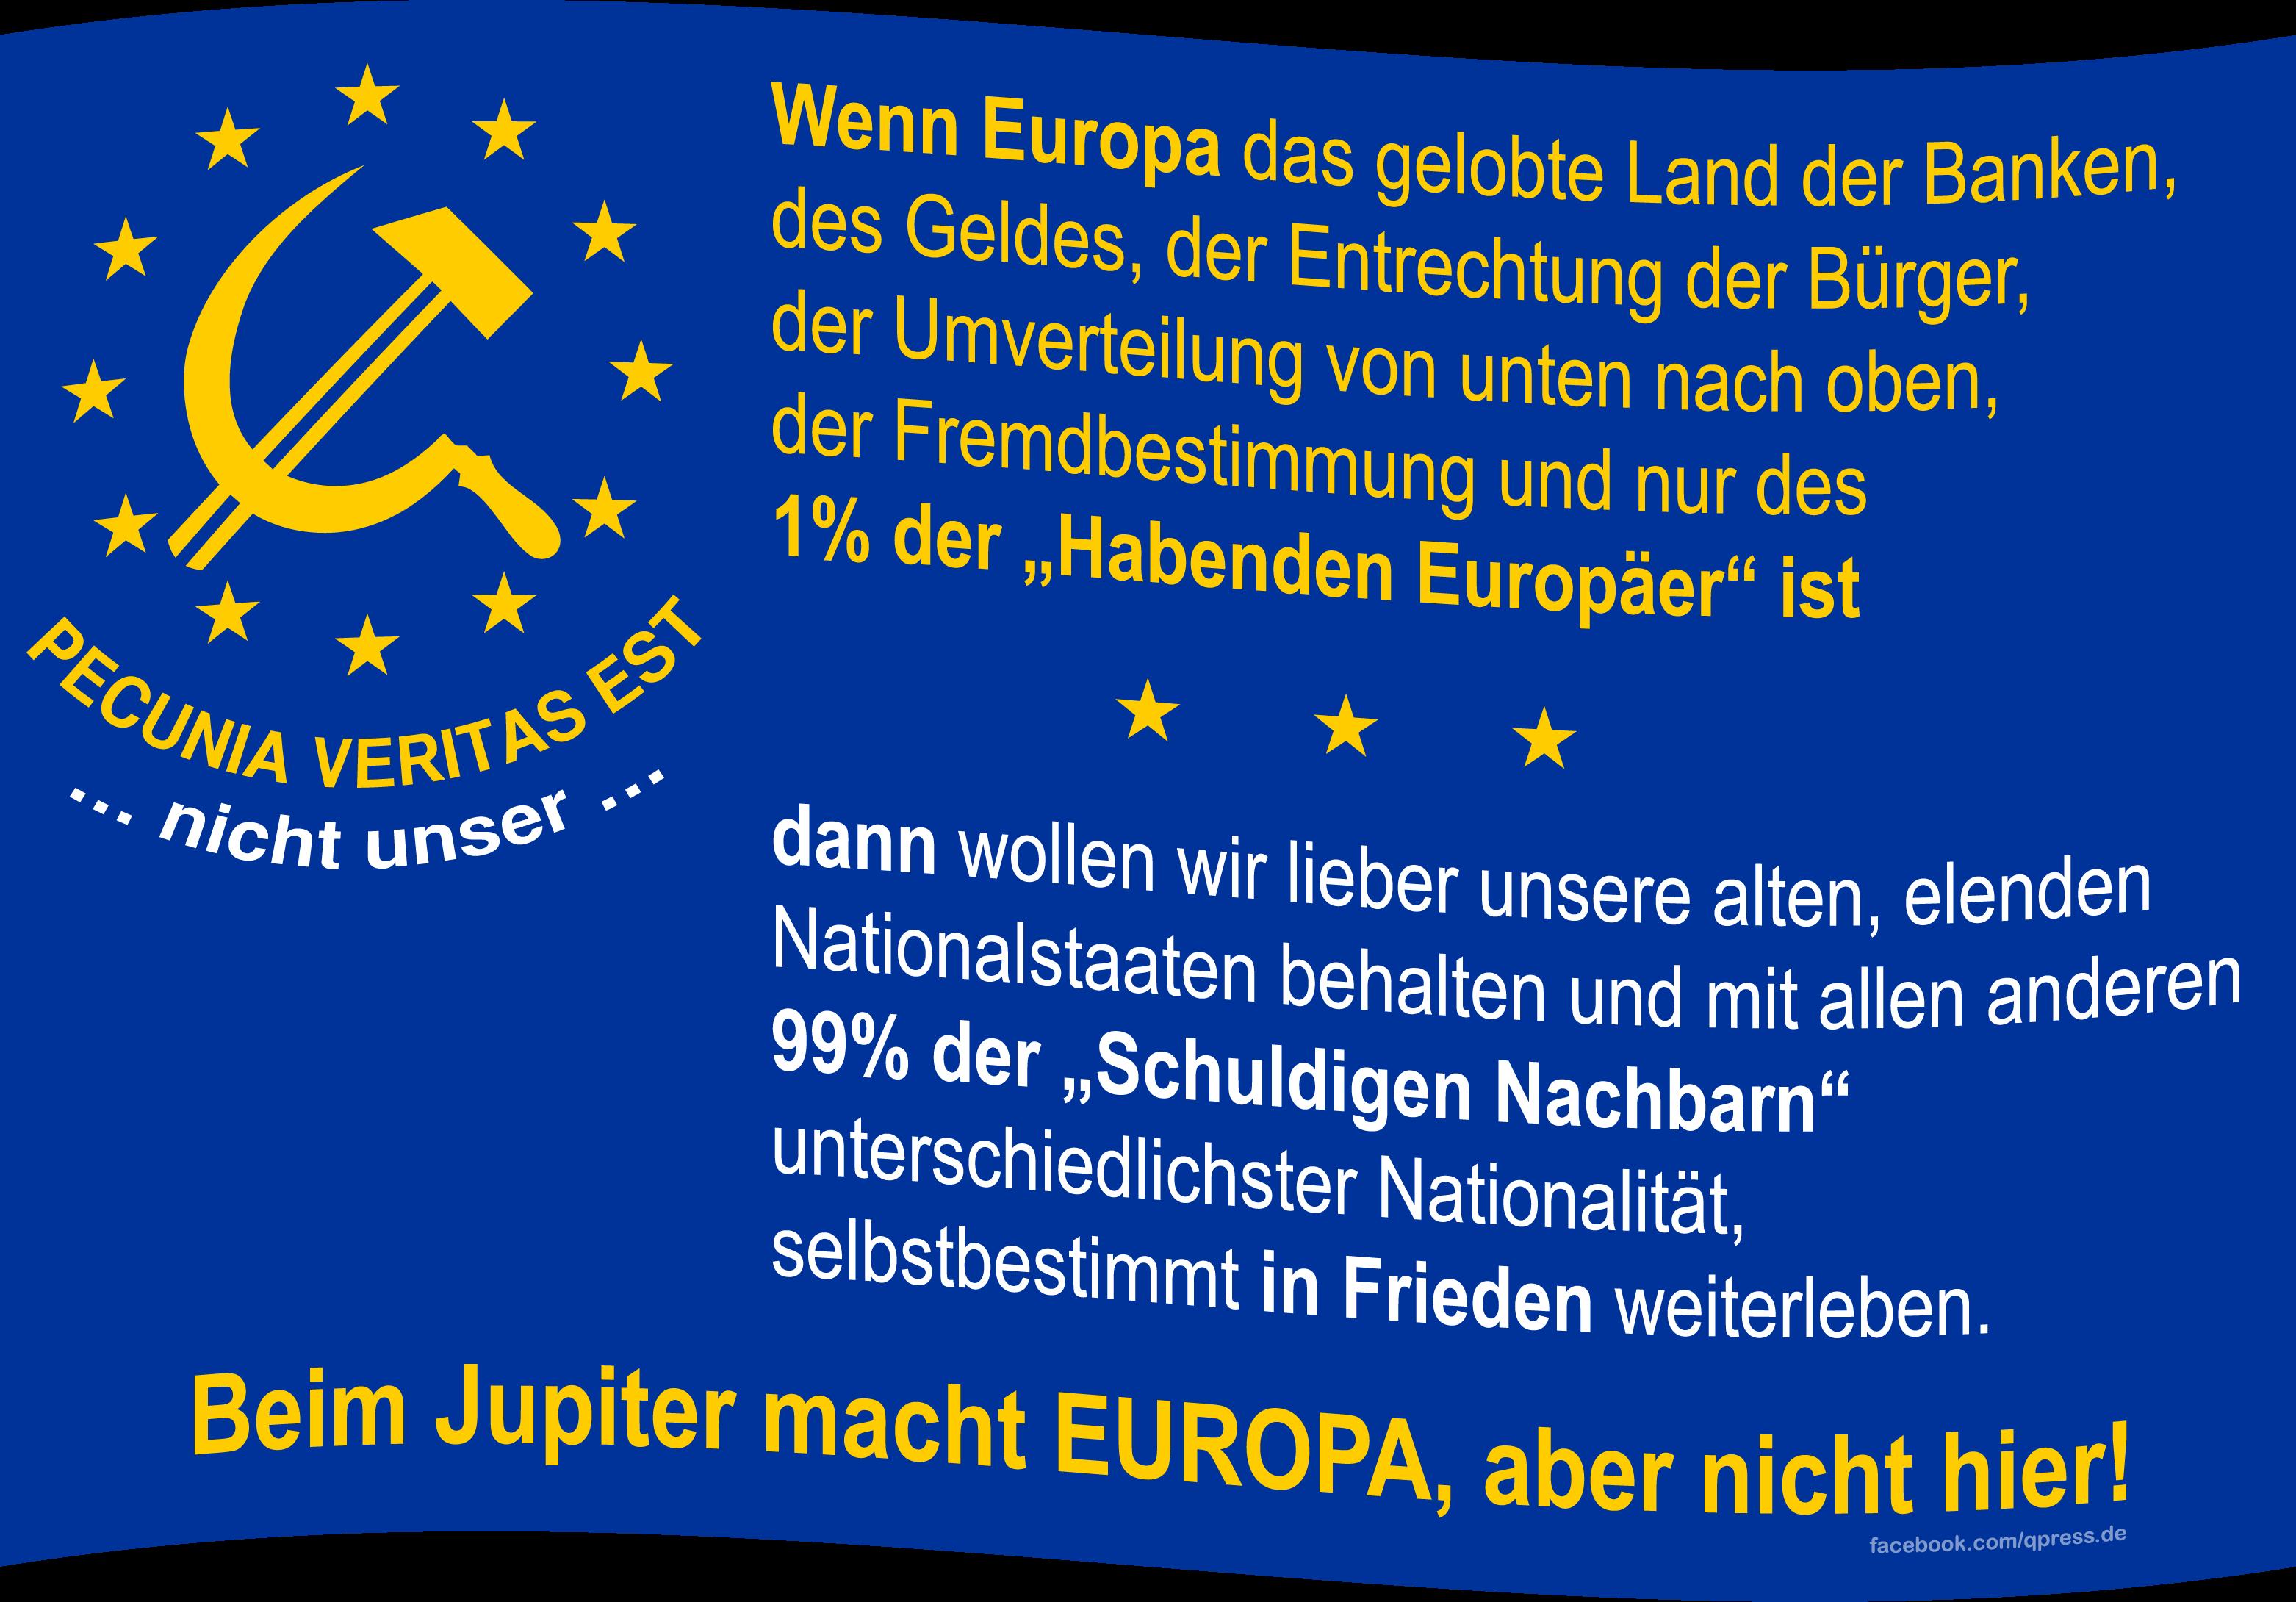 Das falsche Europa, nachhaltiger Crashkurs, wirklich alternativlos Flag_of_Europe pecunia veritas est nicht unser qpress